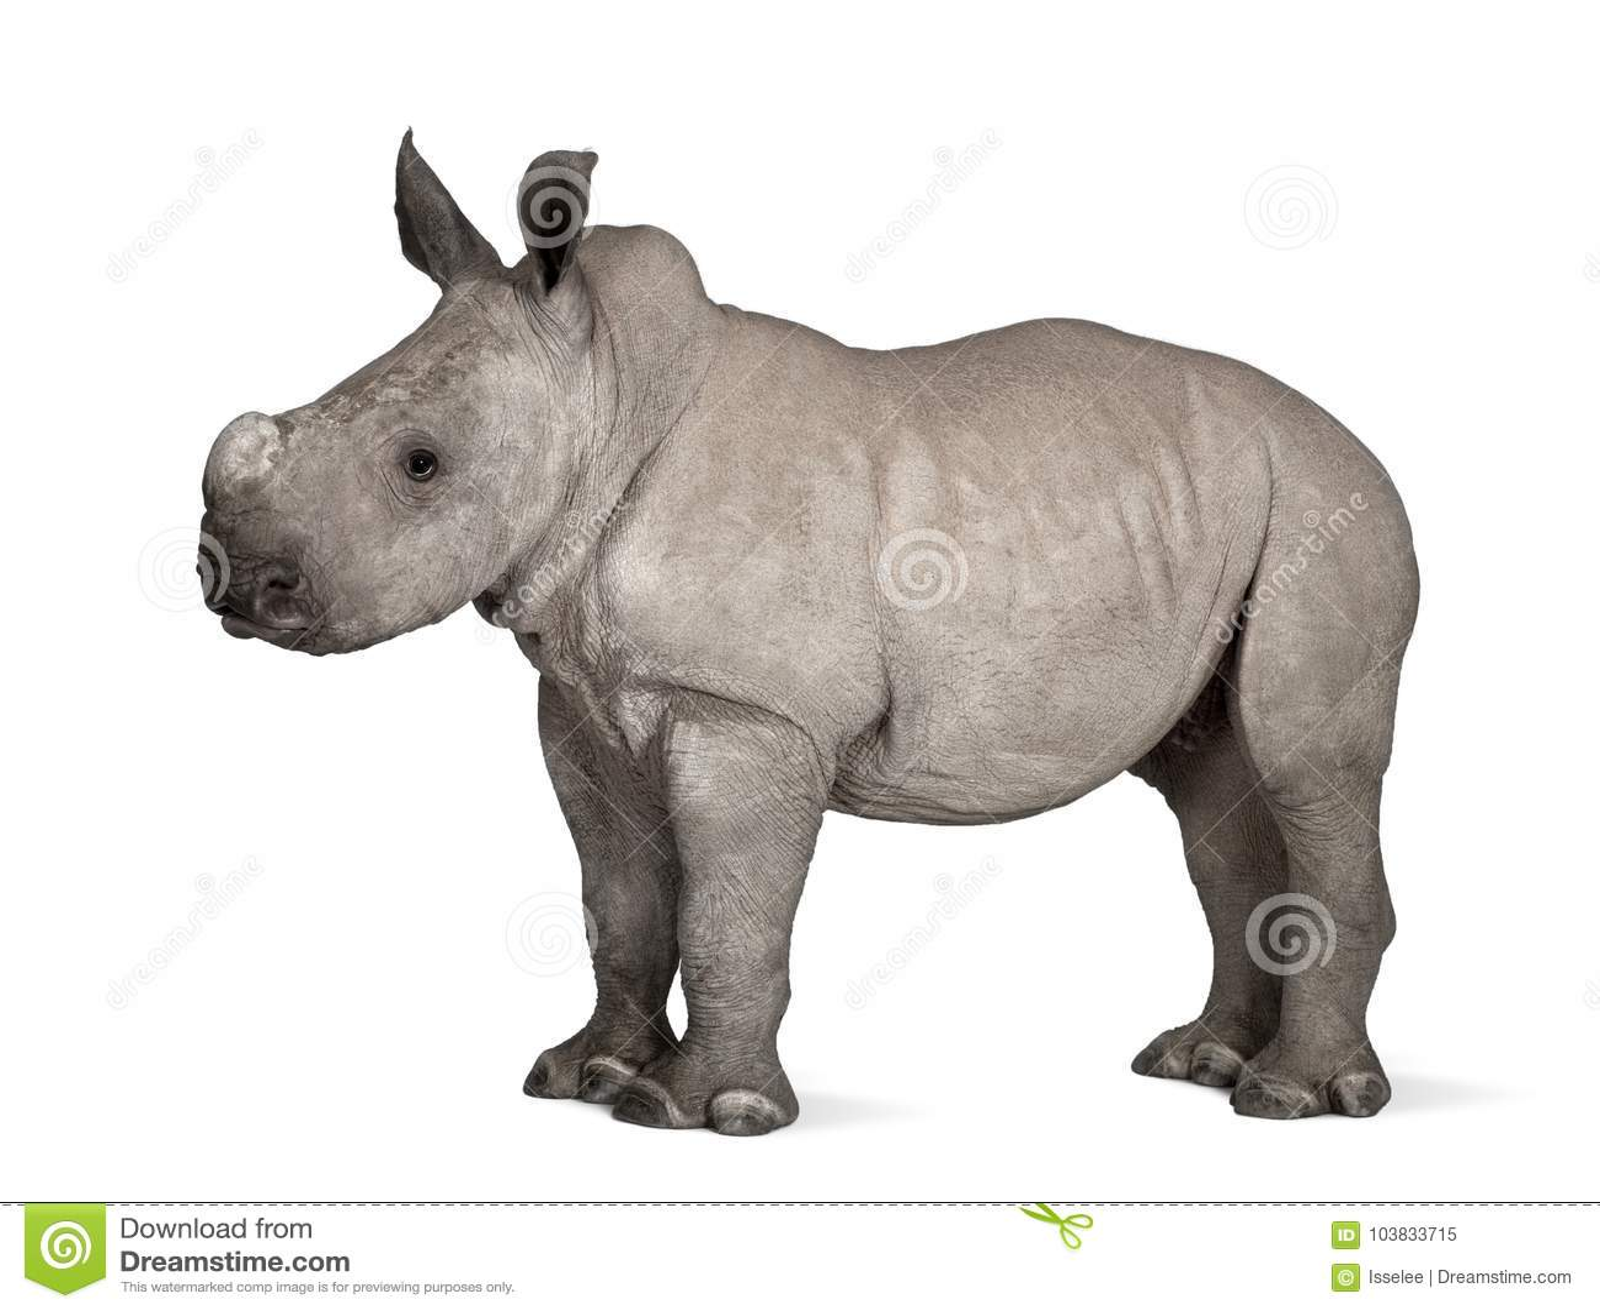 Νέος άσπρος ρινόκερος ή τετραγωνικός-χειλικός ρινόκερος - Ceratotheri